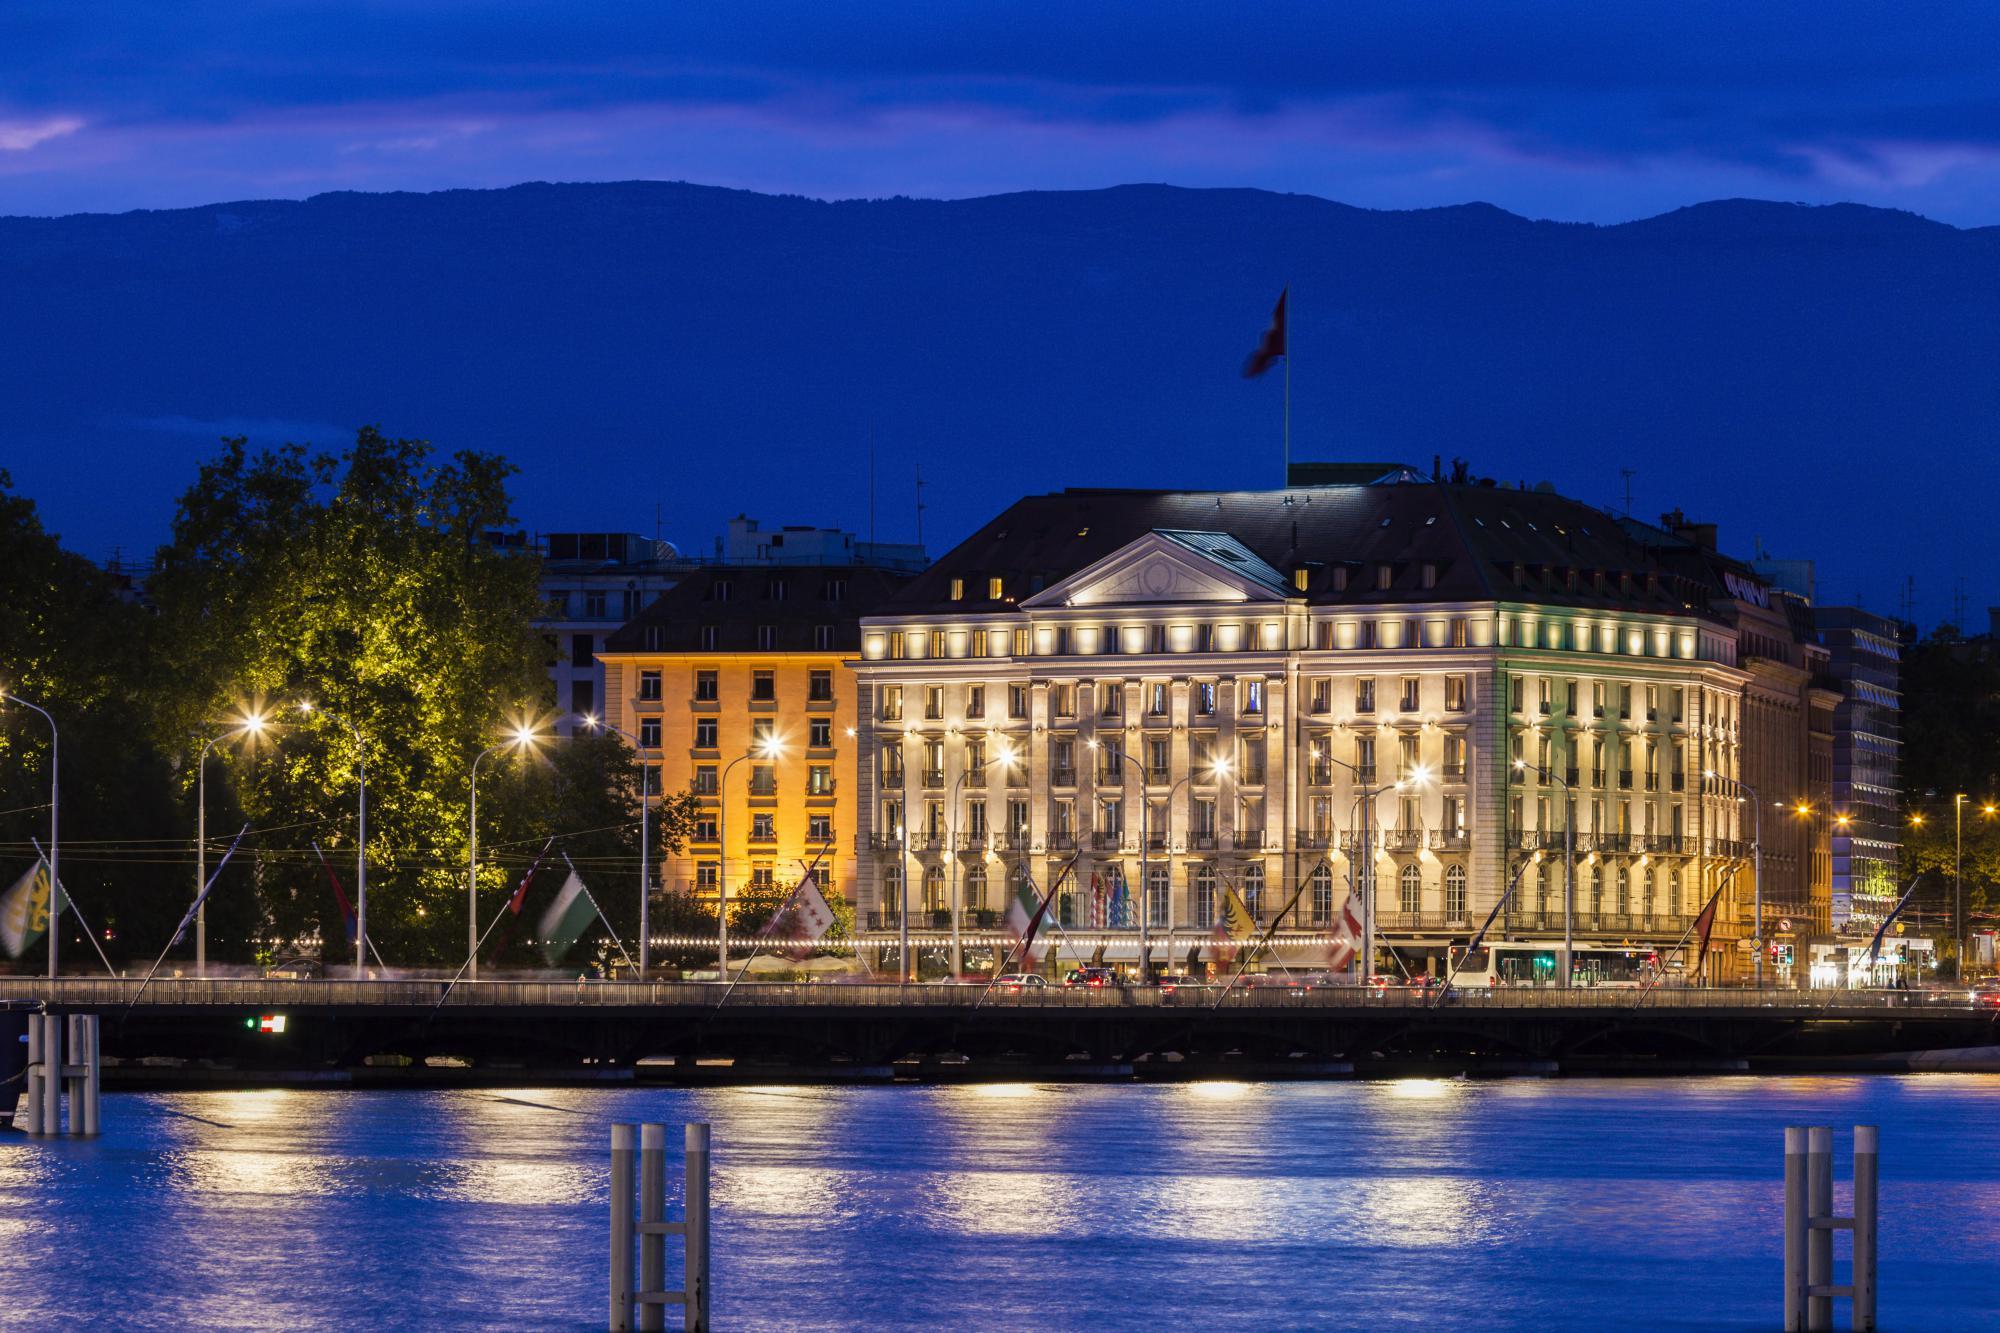 Швейцария внедряет положения BEPS в соглашения об избежании двойного налогообложения